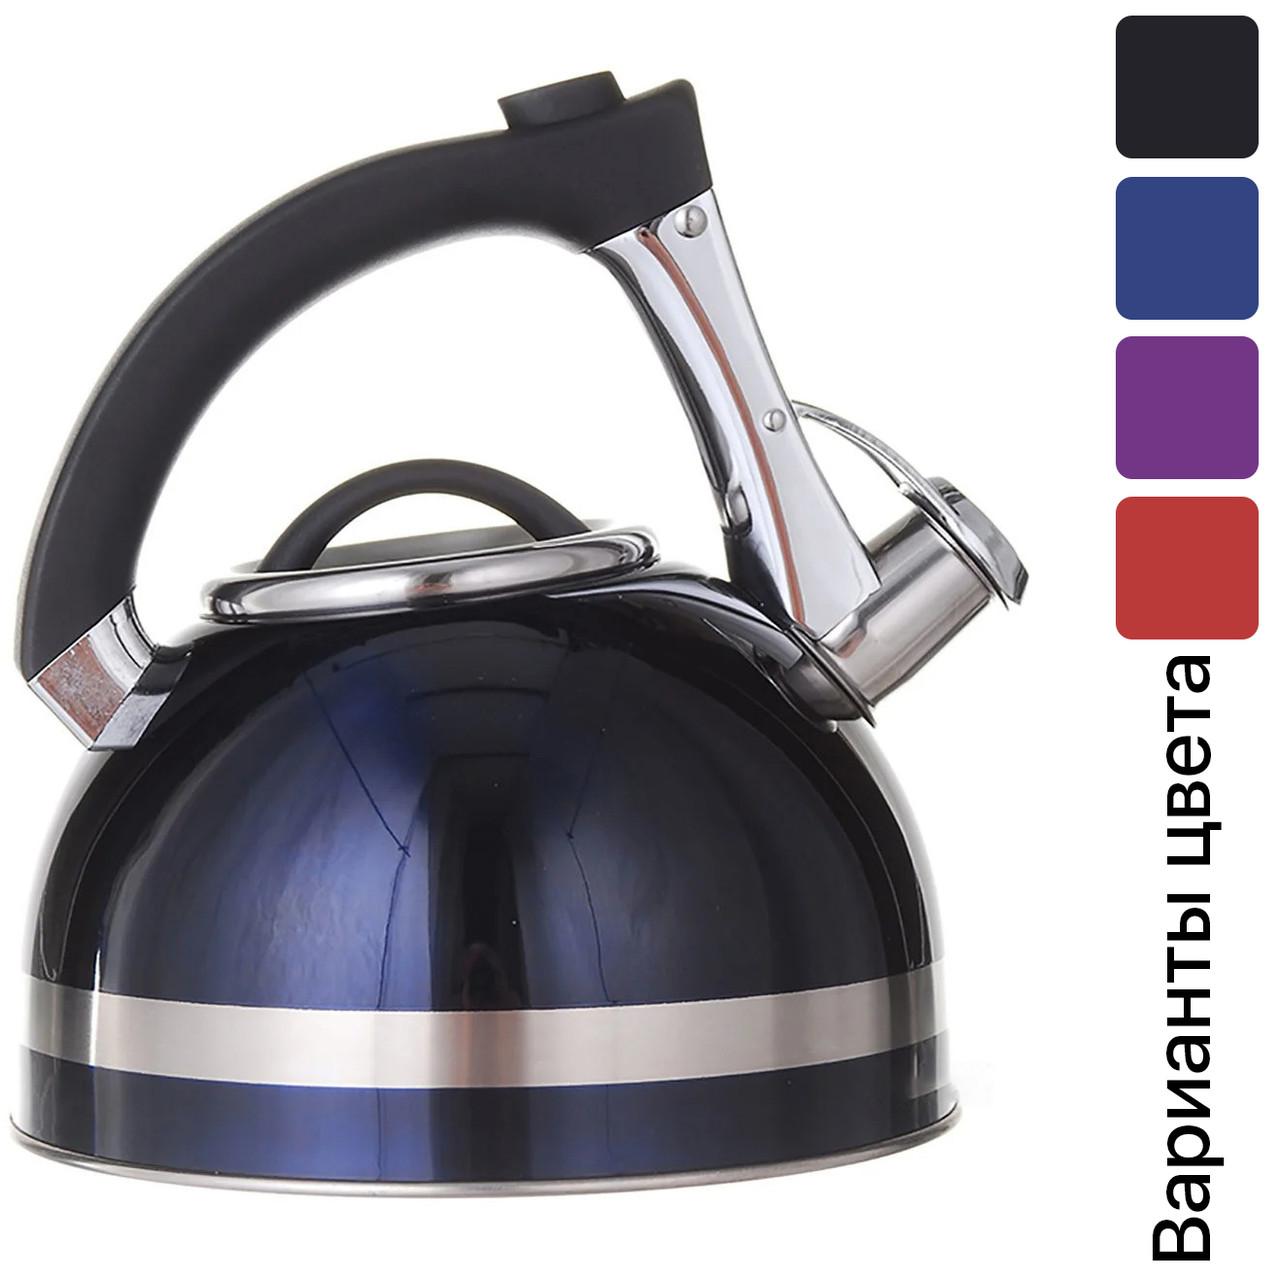 Чайник зі свистком для плити нержавійка A-PLUS 3.0 л